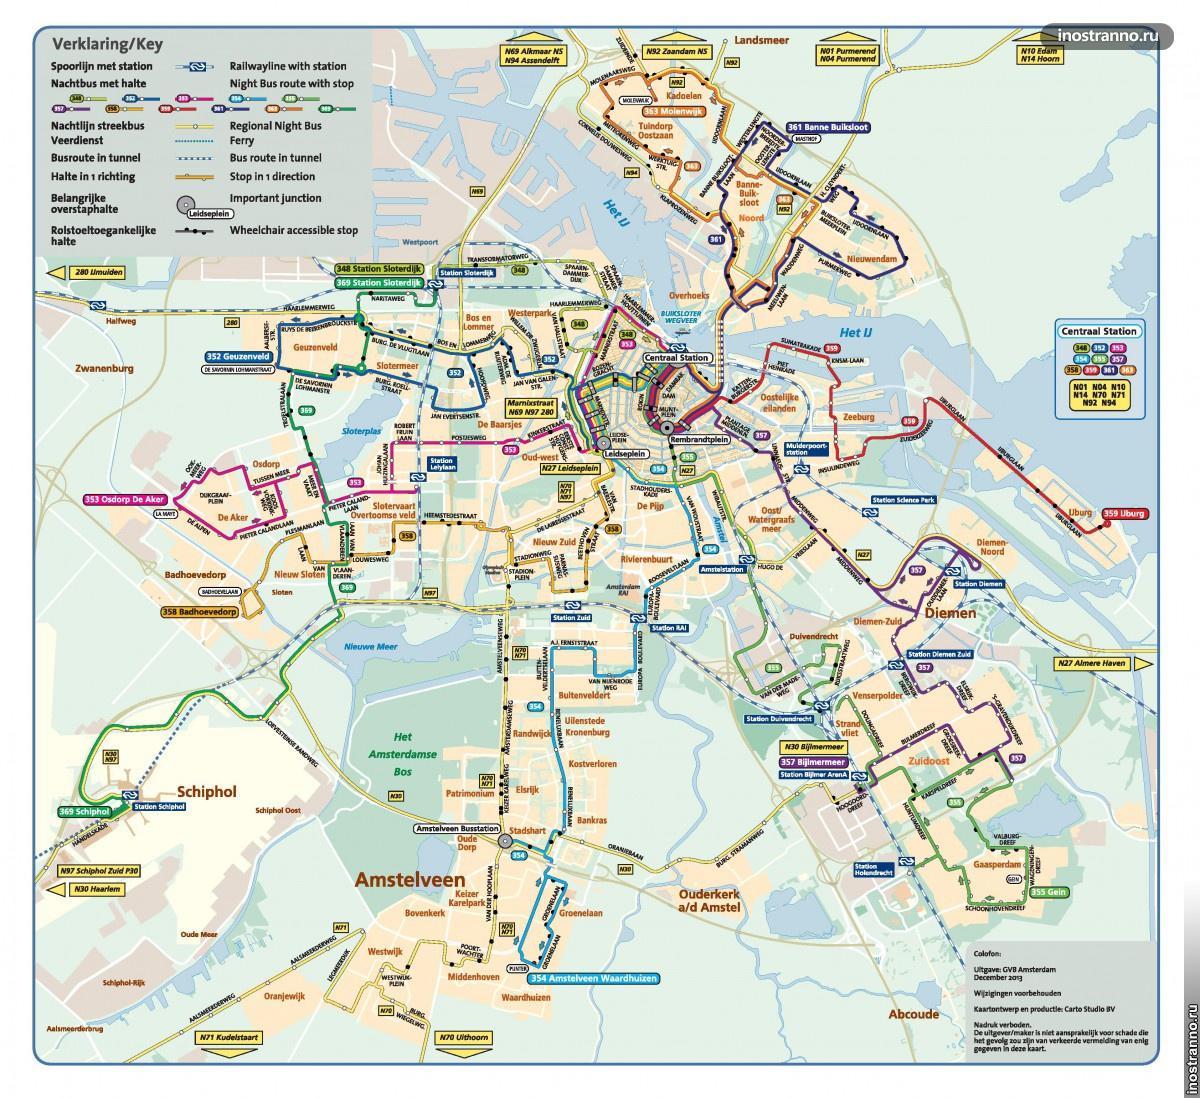 ночные автобусы в амстердаме